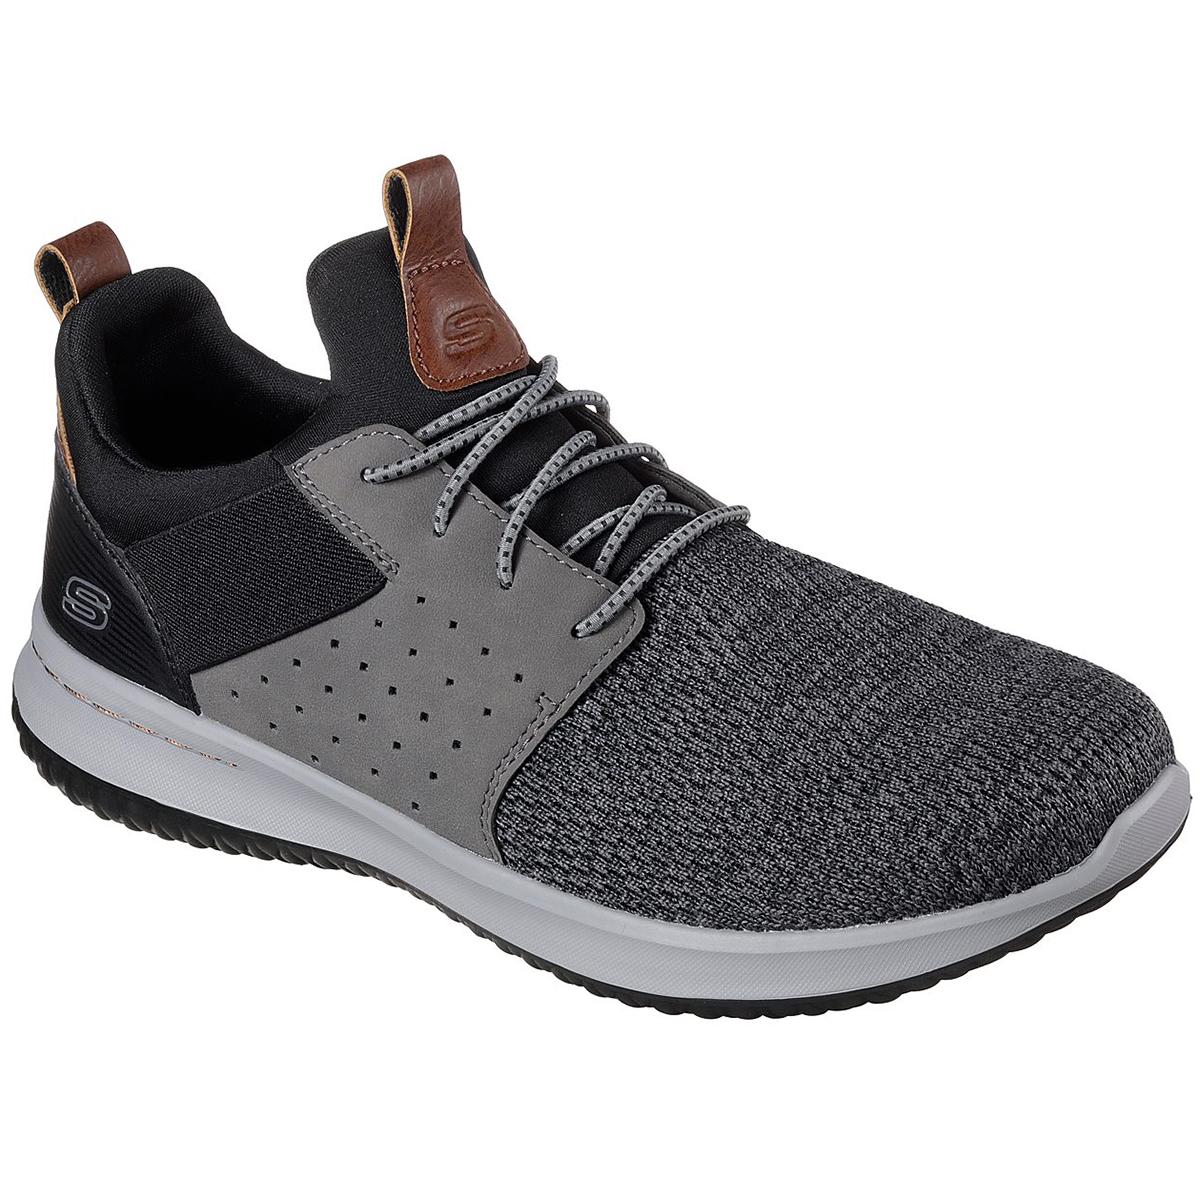 Skechers Men's Delson - Camben Sneakers - Black, 9